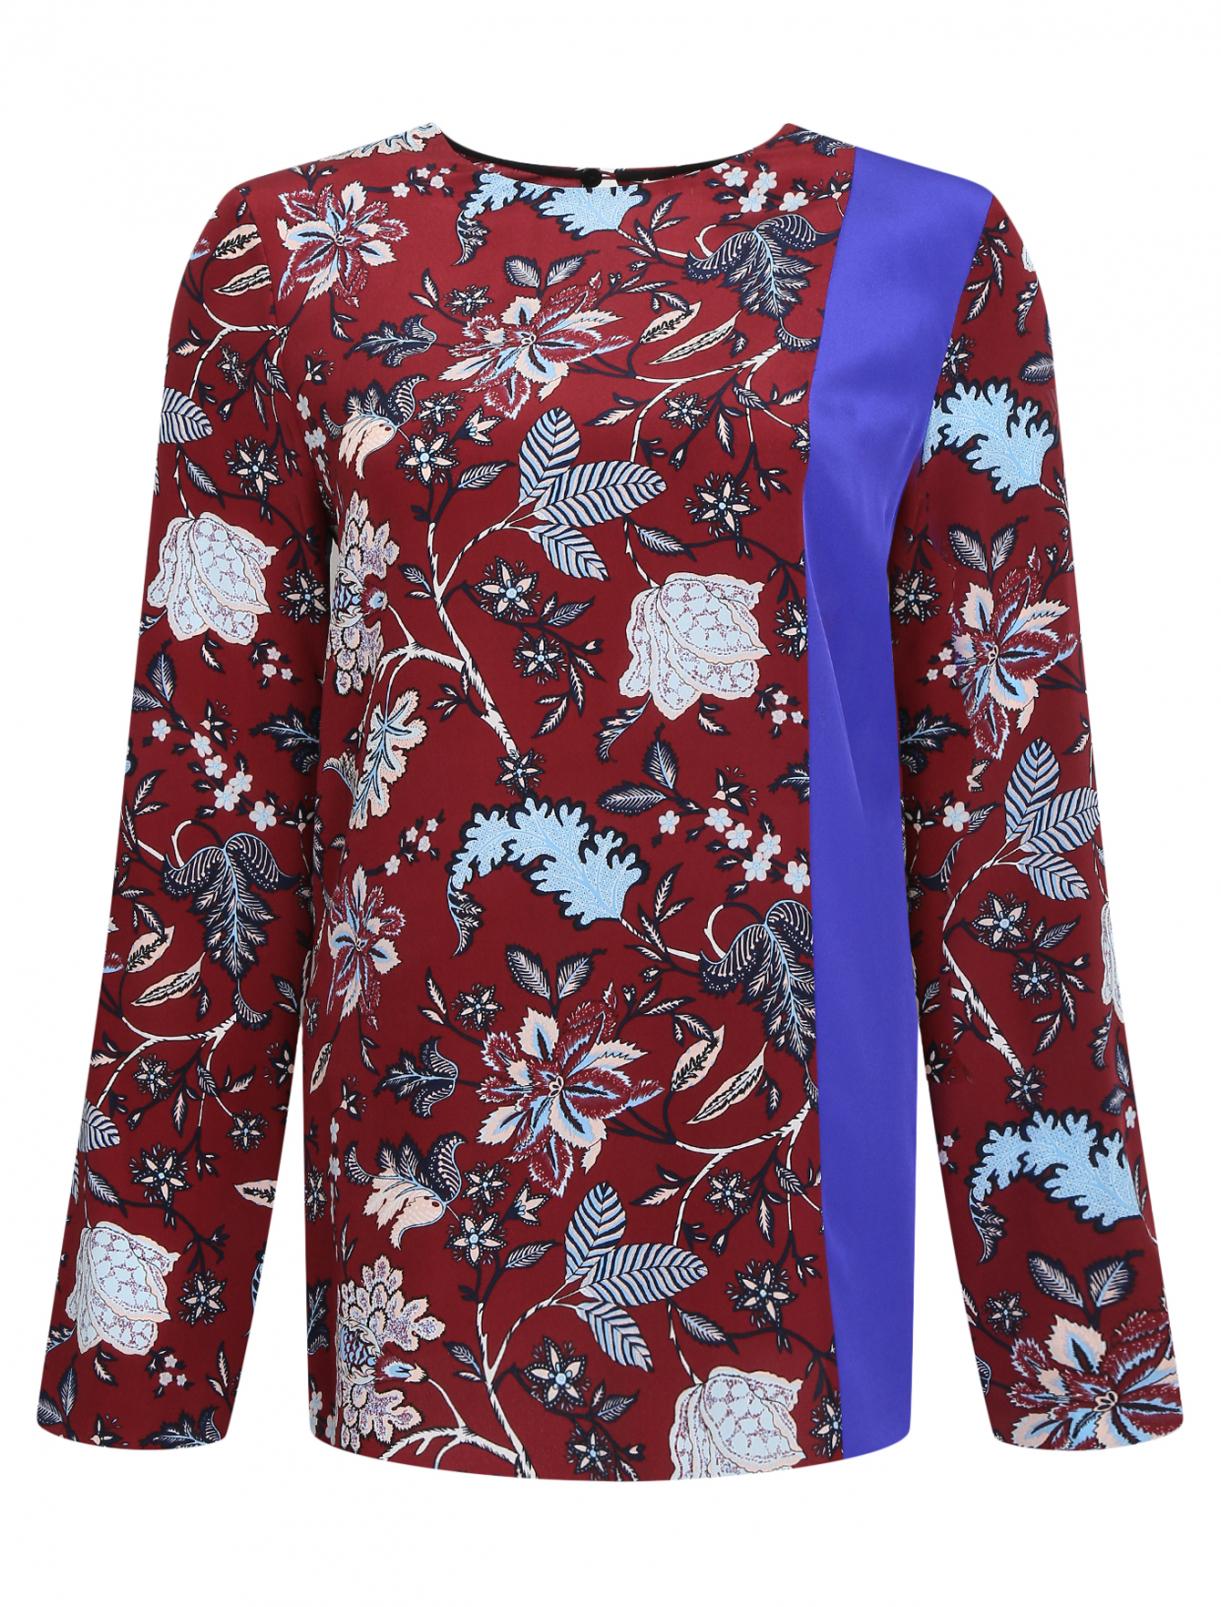 Топ из шелка с цветочным принтом Diane von Furstenberg  –  Общий вид  – Цвет:  Красный